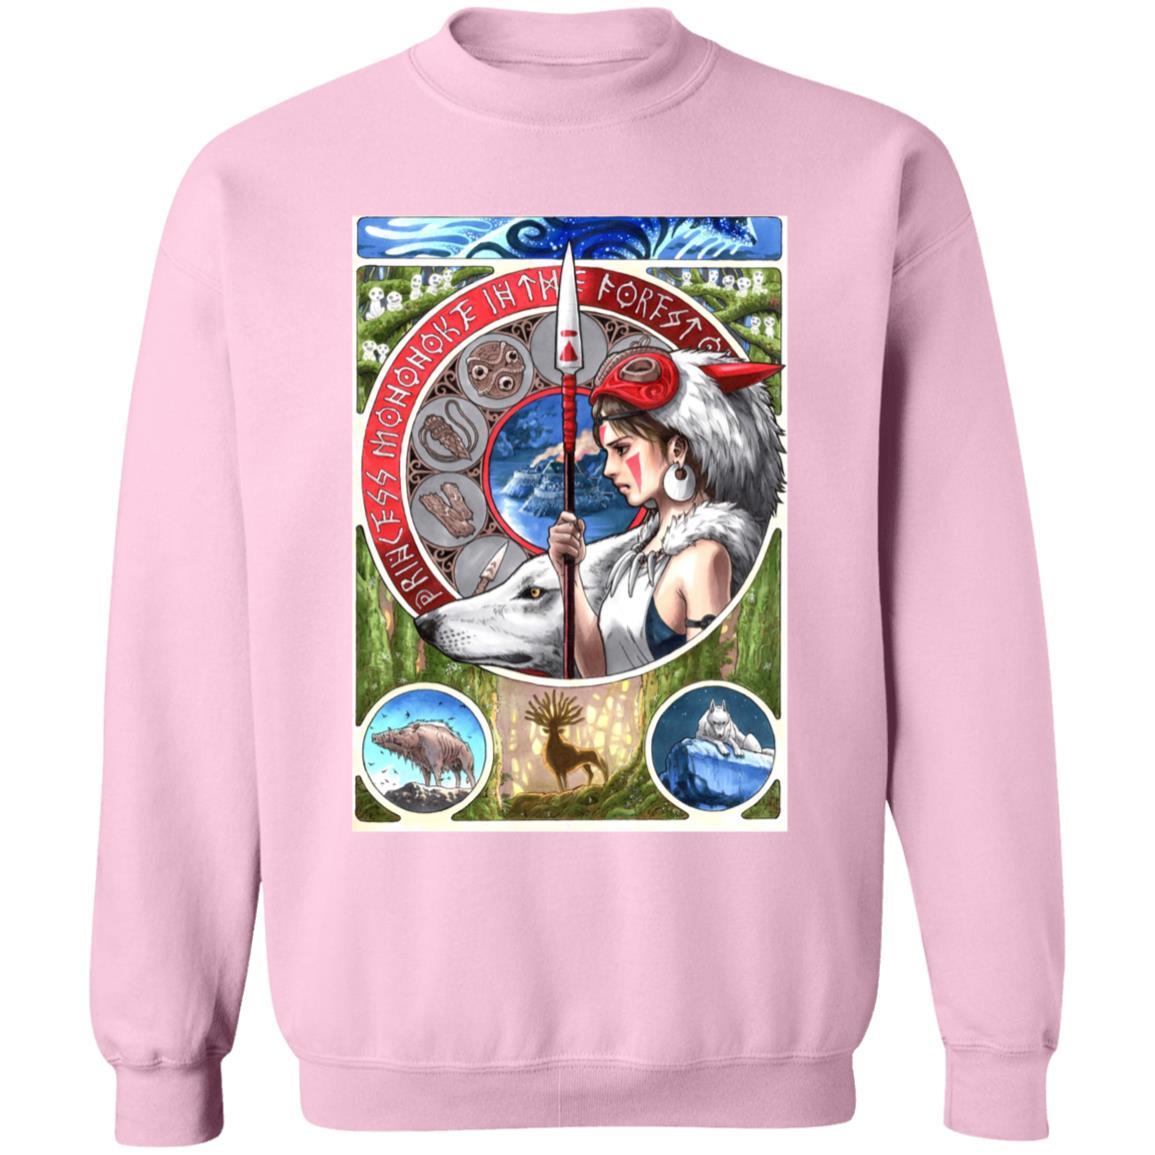 Princess Mononoke Portrait Art Sweatshirt